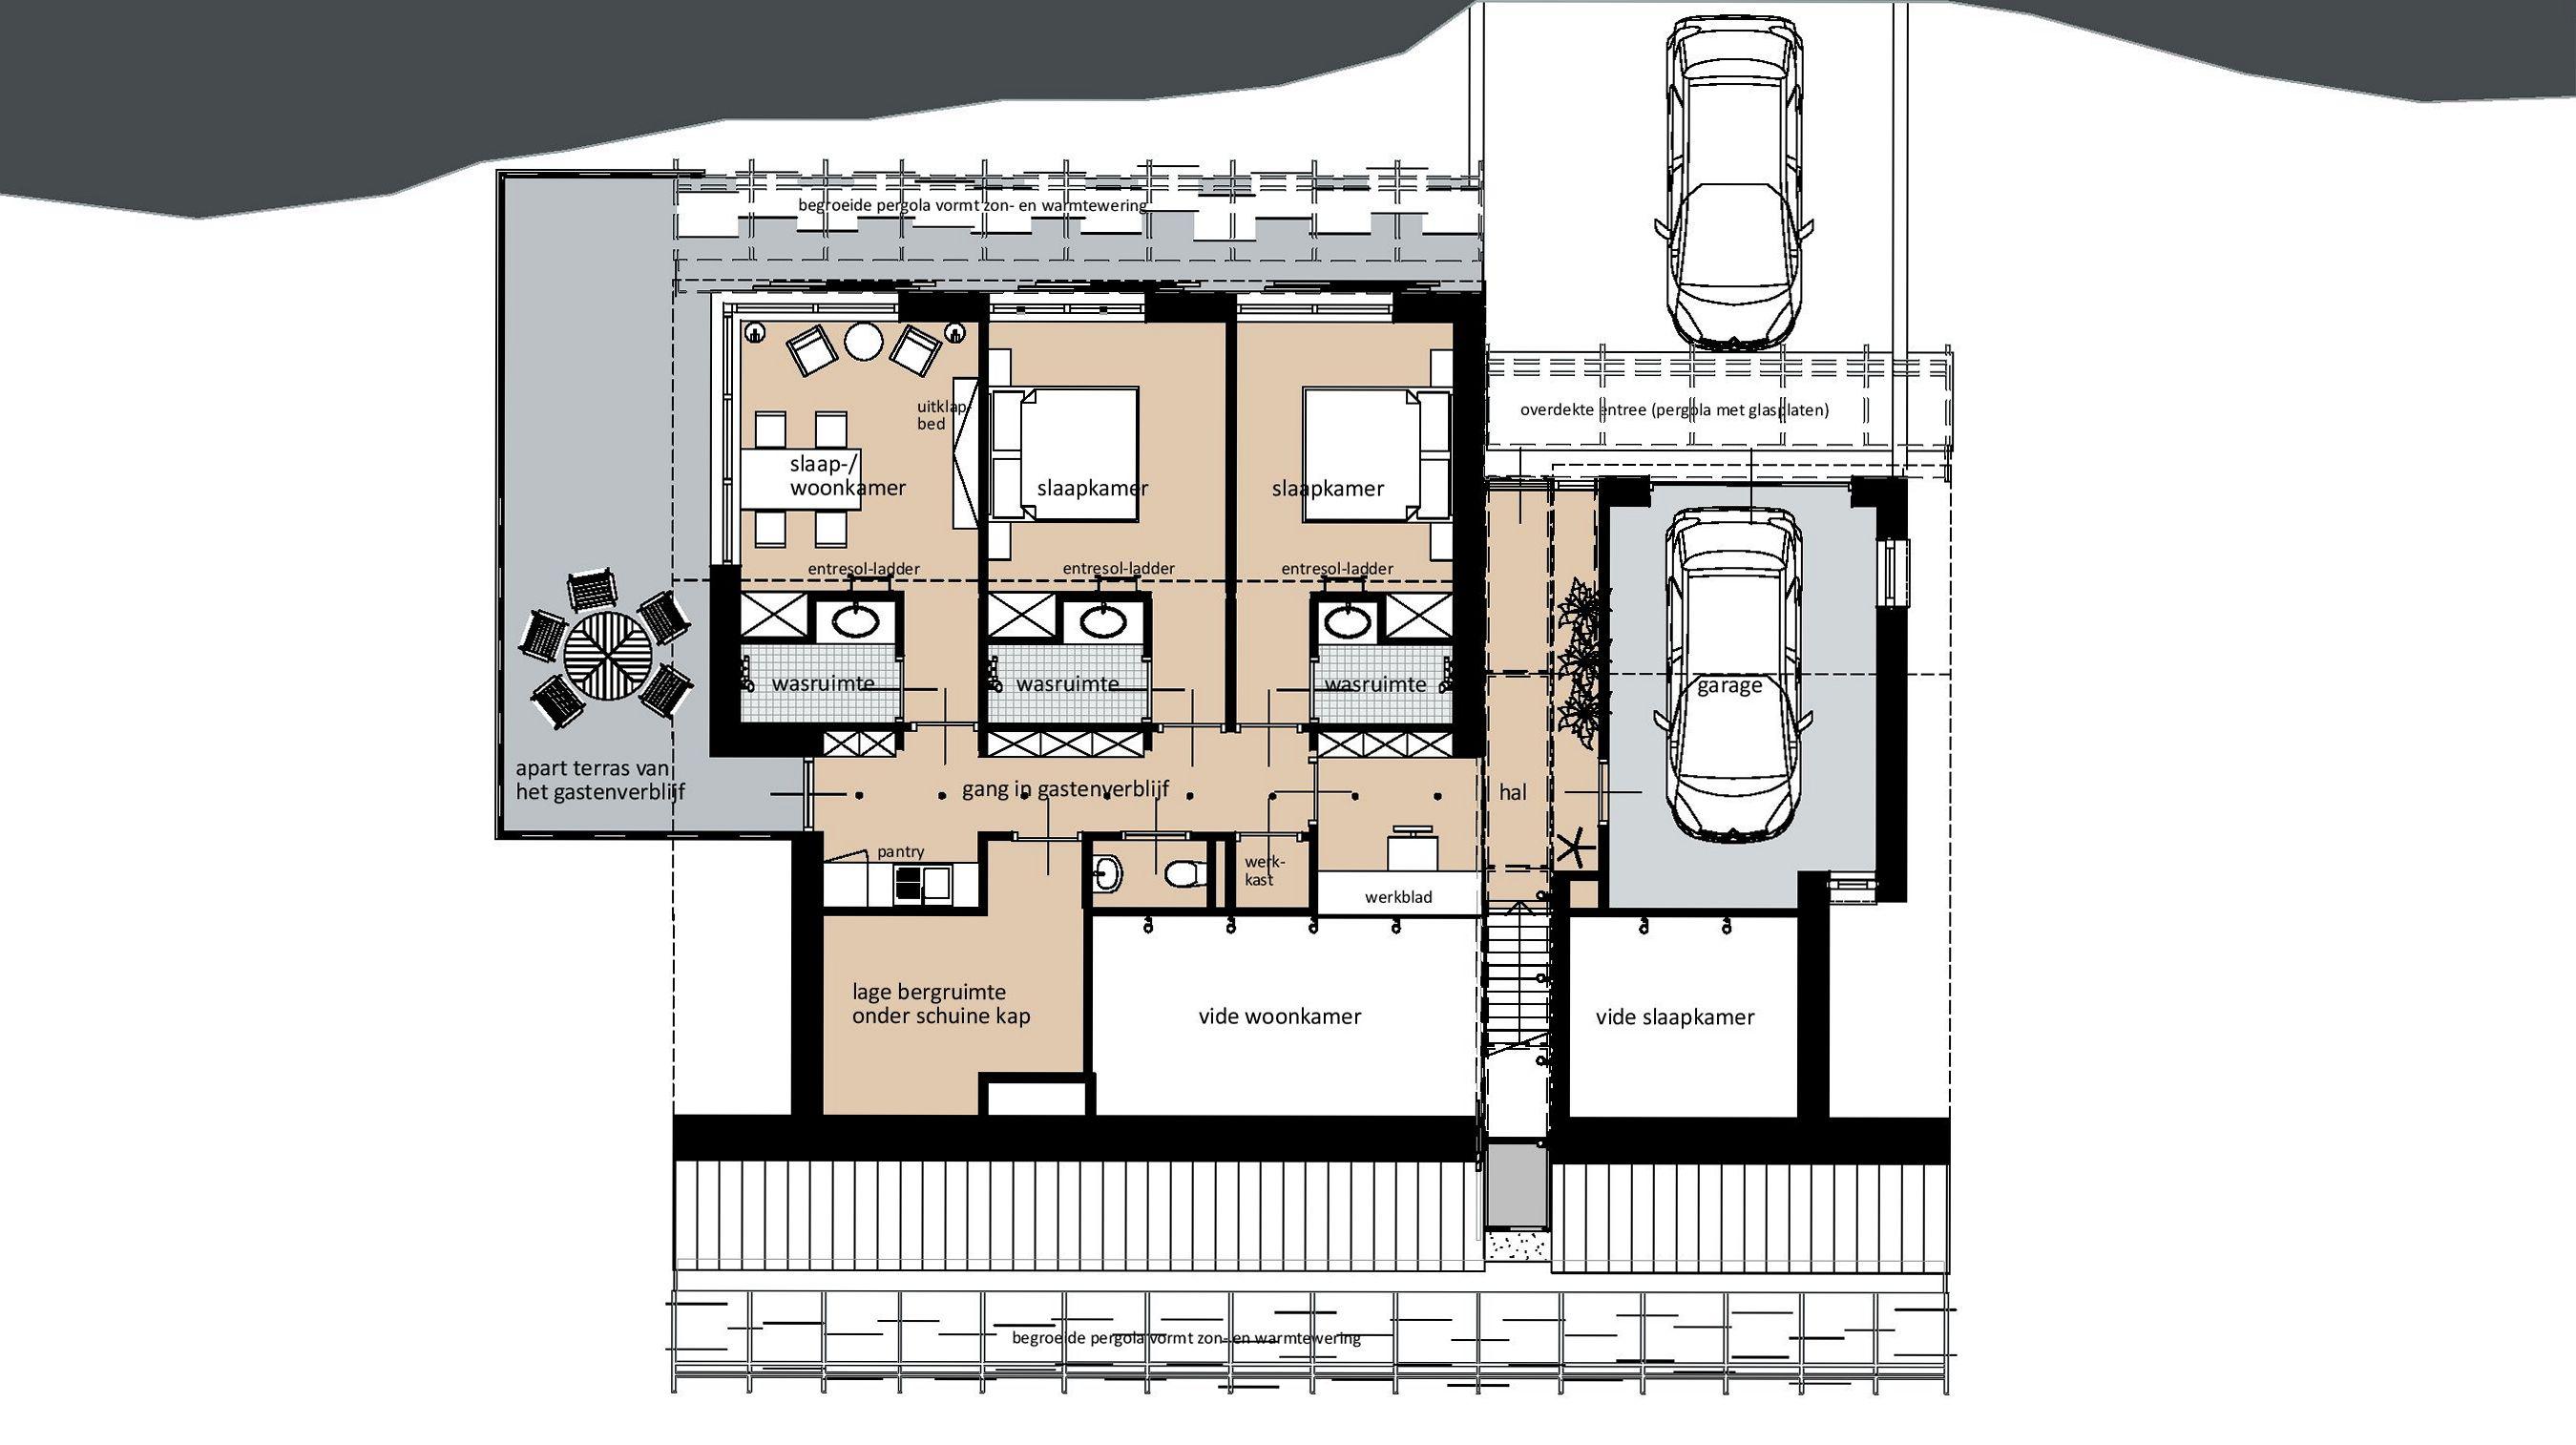 Plattegrond entree en logeerniveau (verdieping)